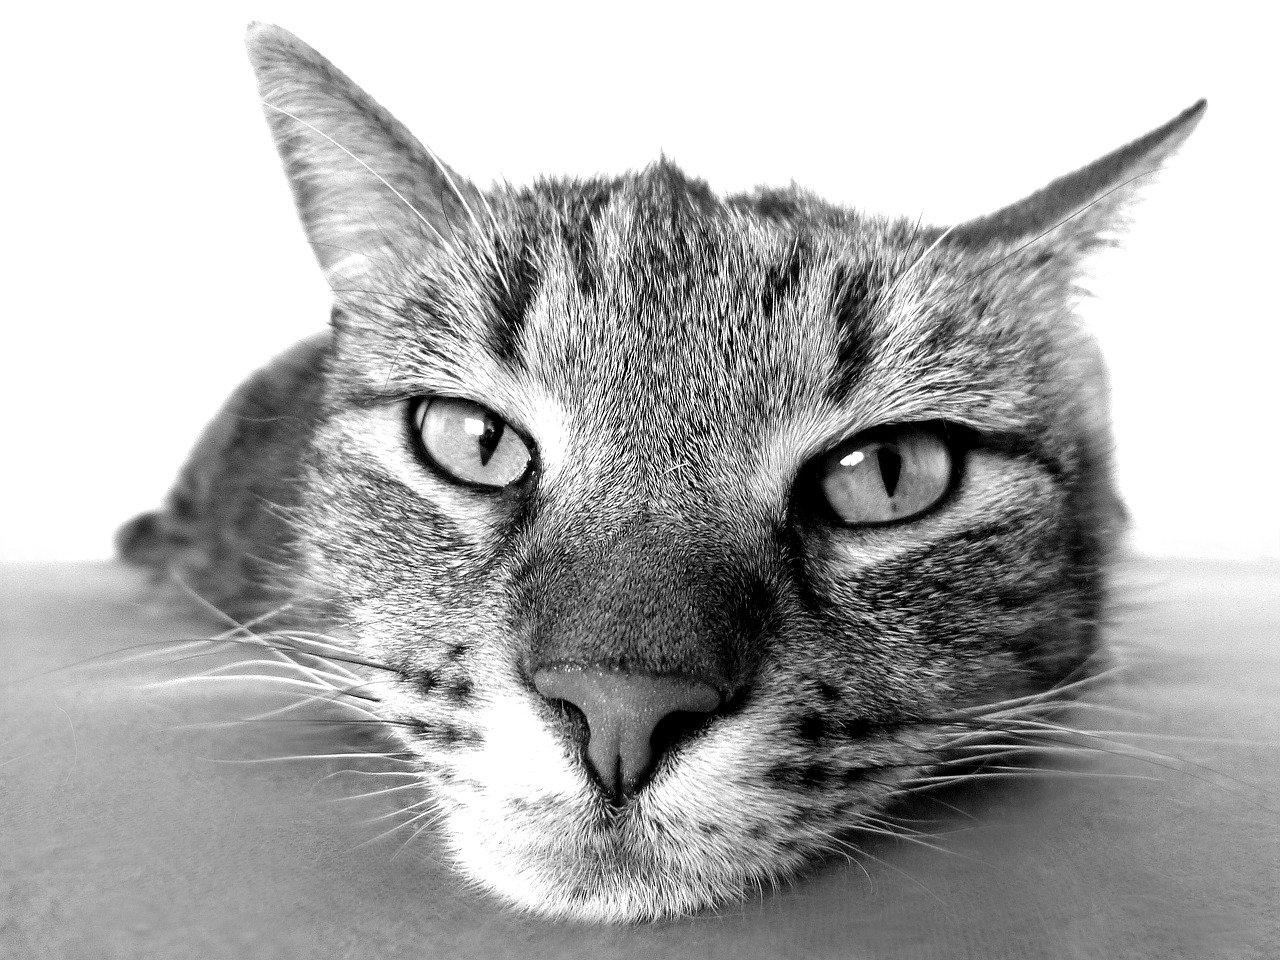 close up cat